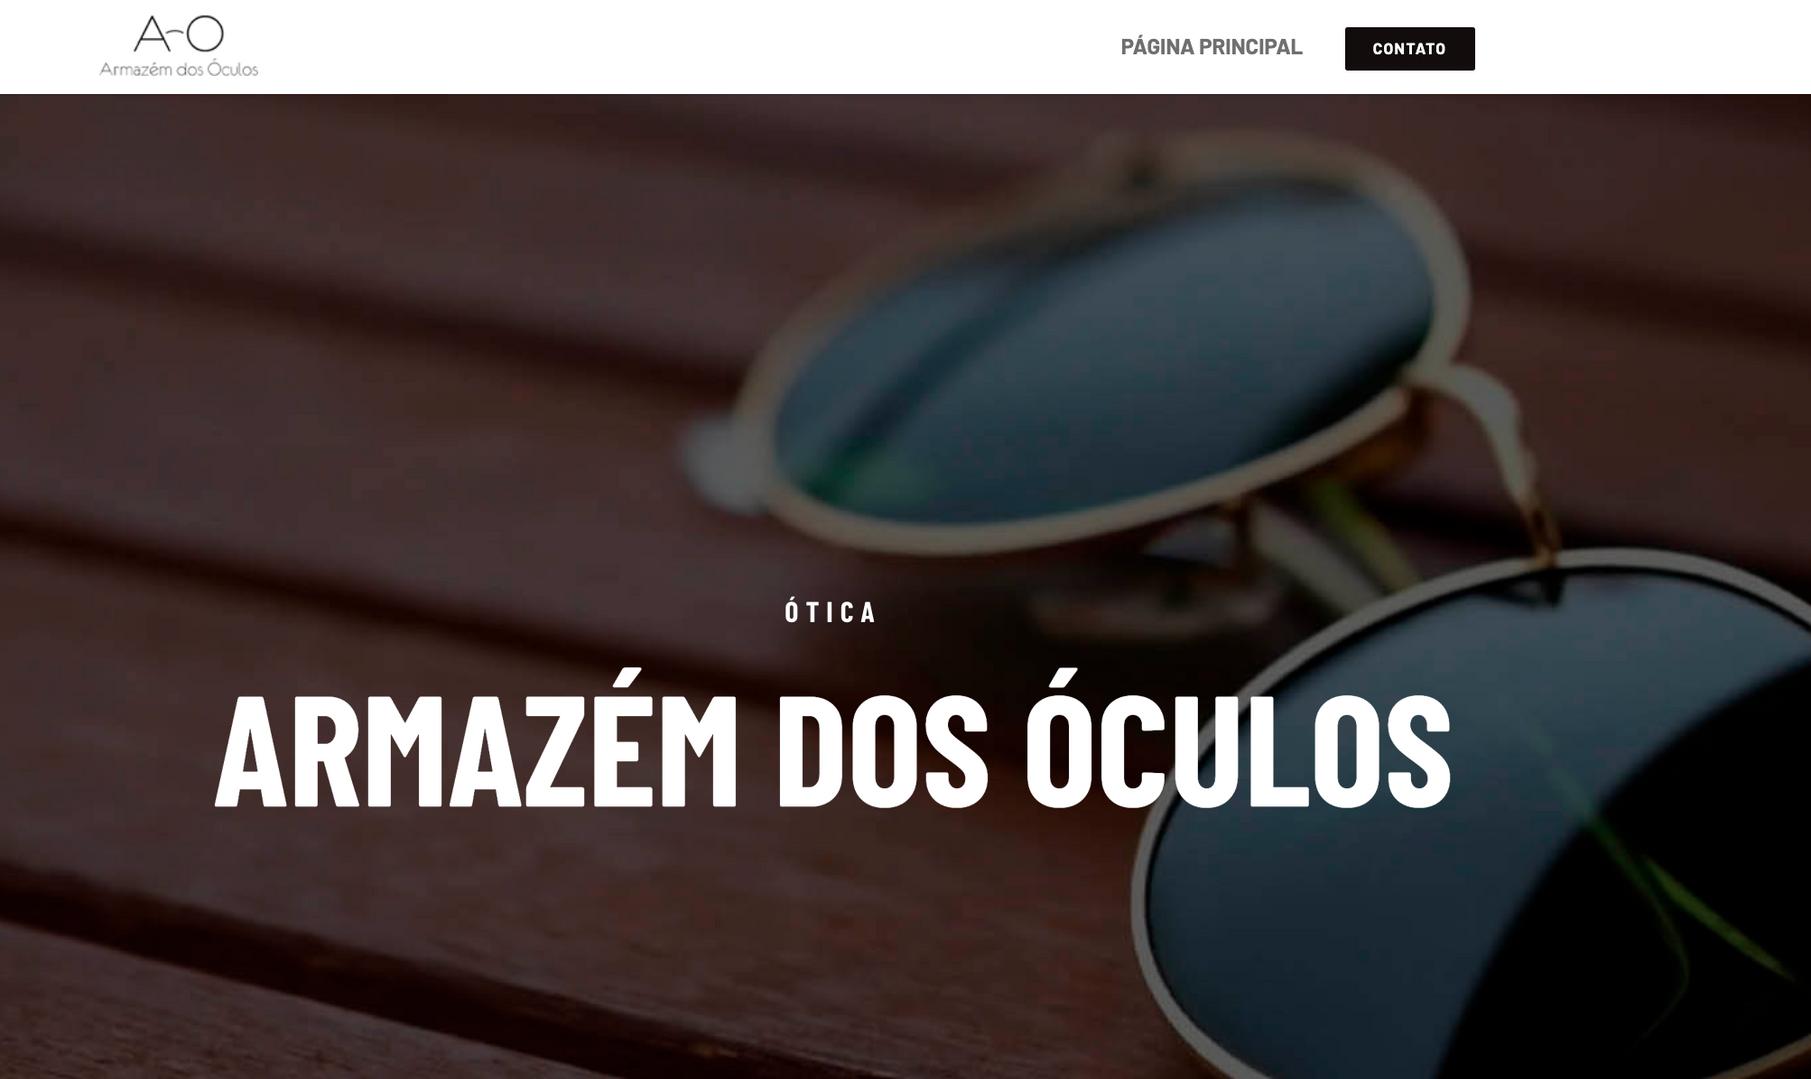 Captura_de_Tela_2020-06-22_às_14.17.44